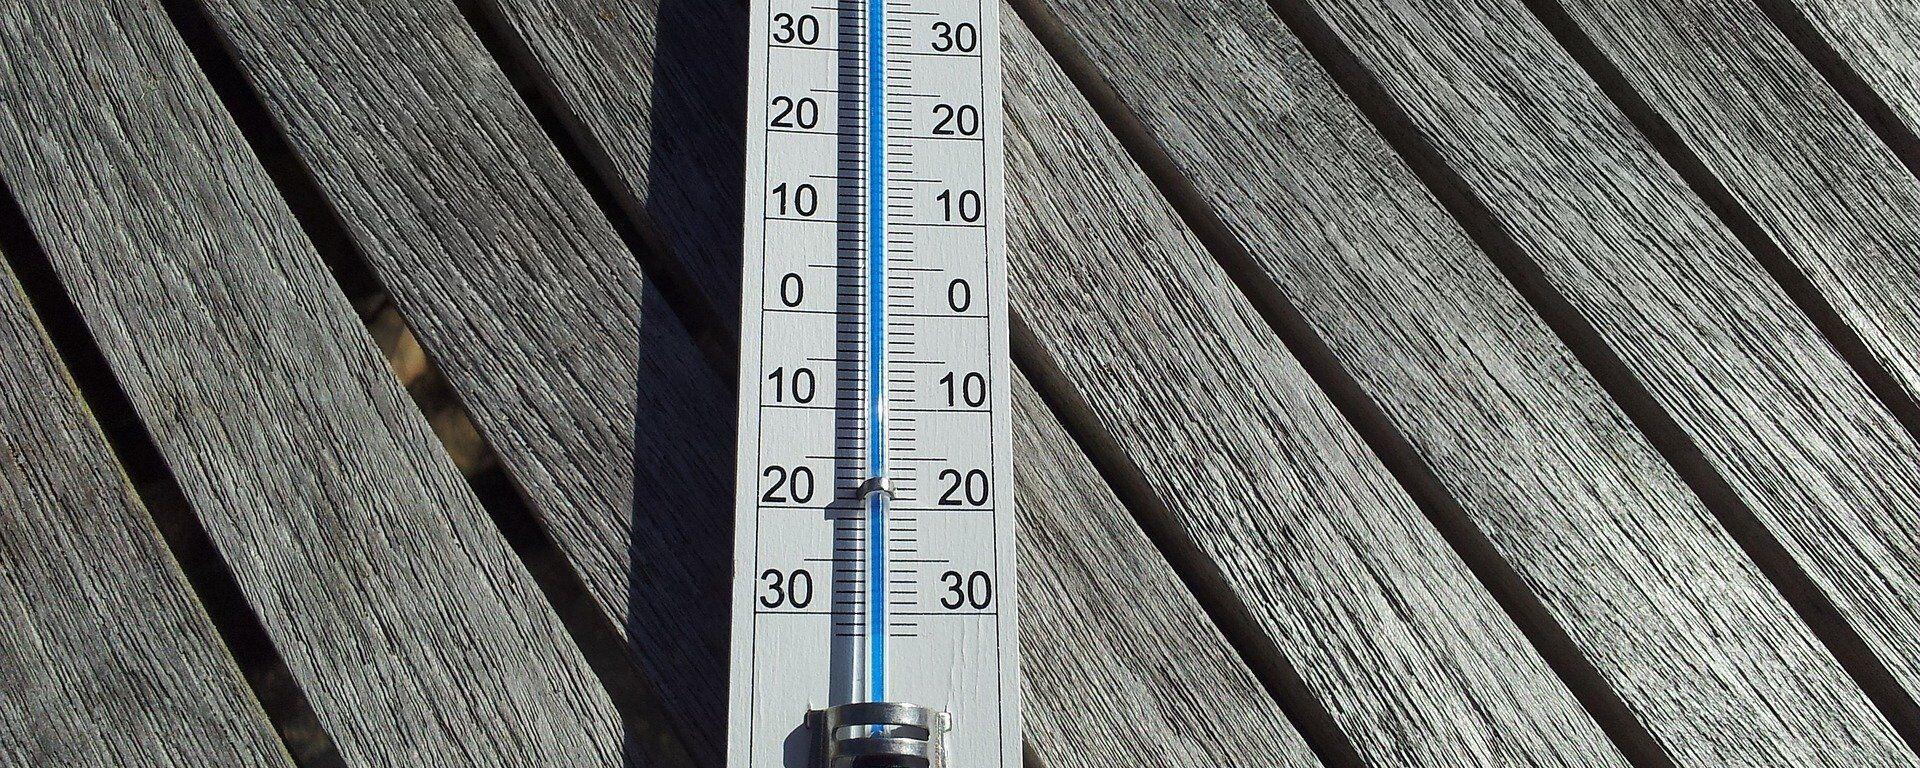 Уличный термометр - Sputnik Латвия, 1920, 03.07.2021